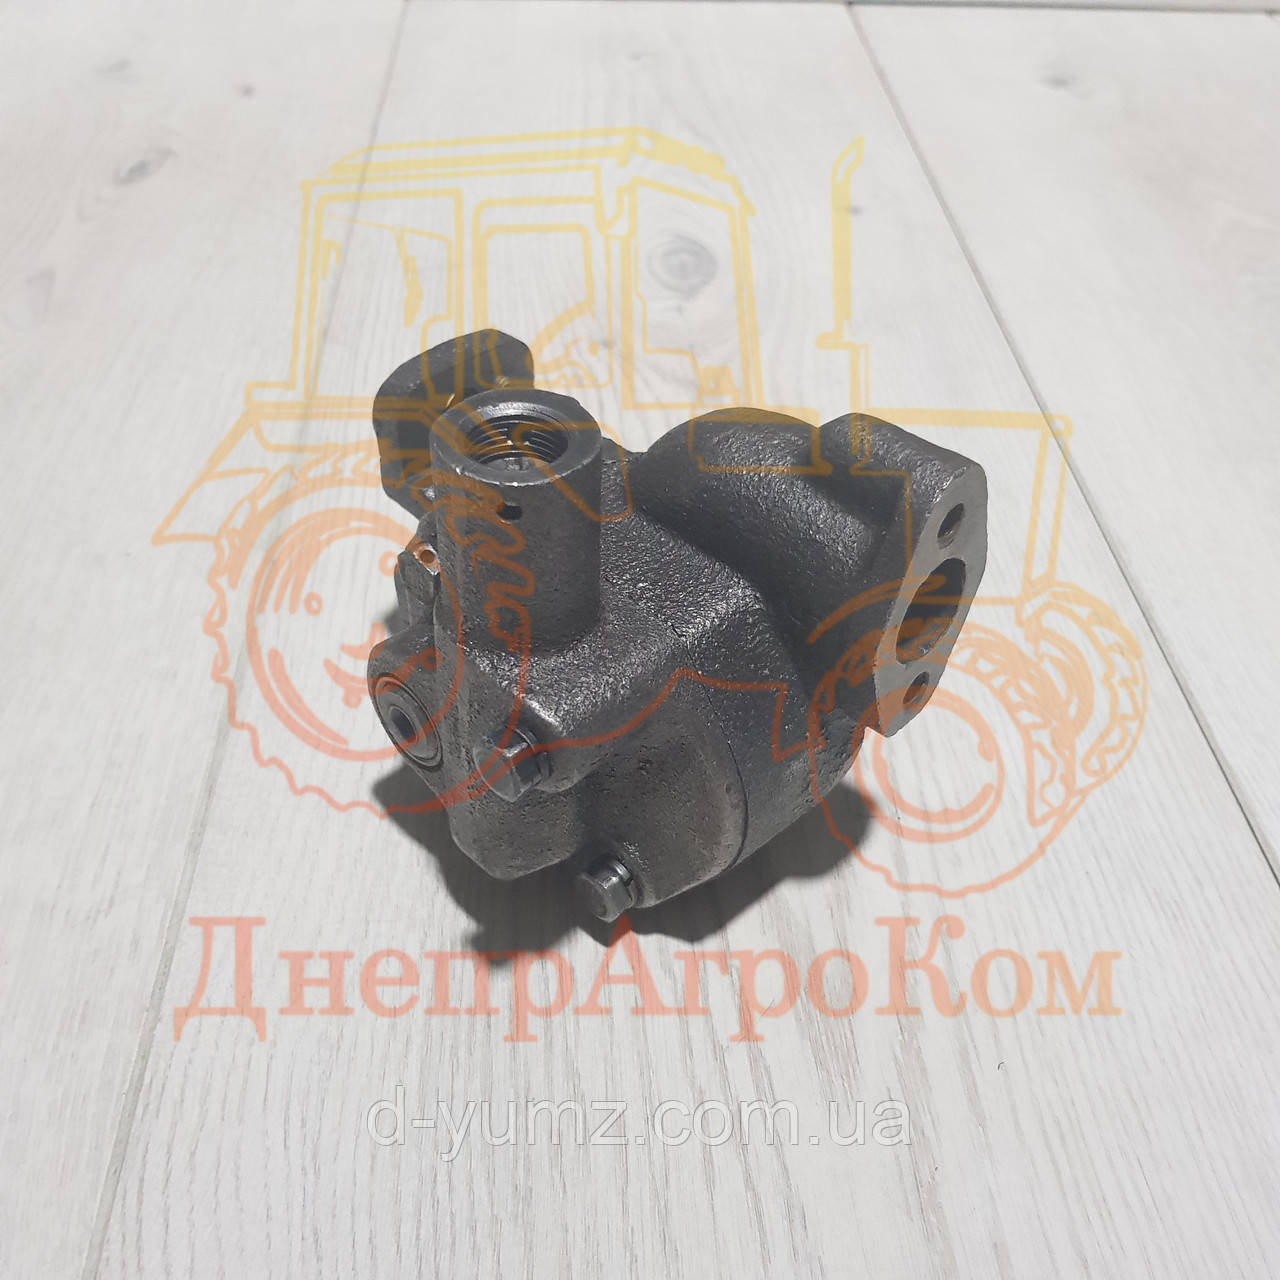 Насос масляный ЮМЗ Д-65 | Д08-С02-А1 СБ